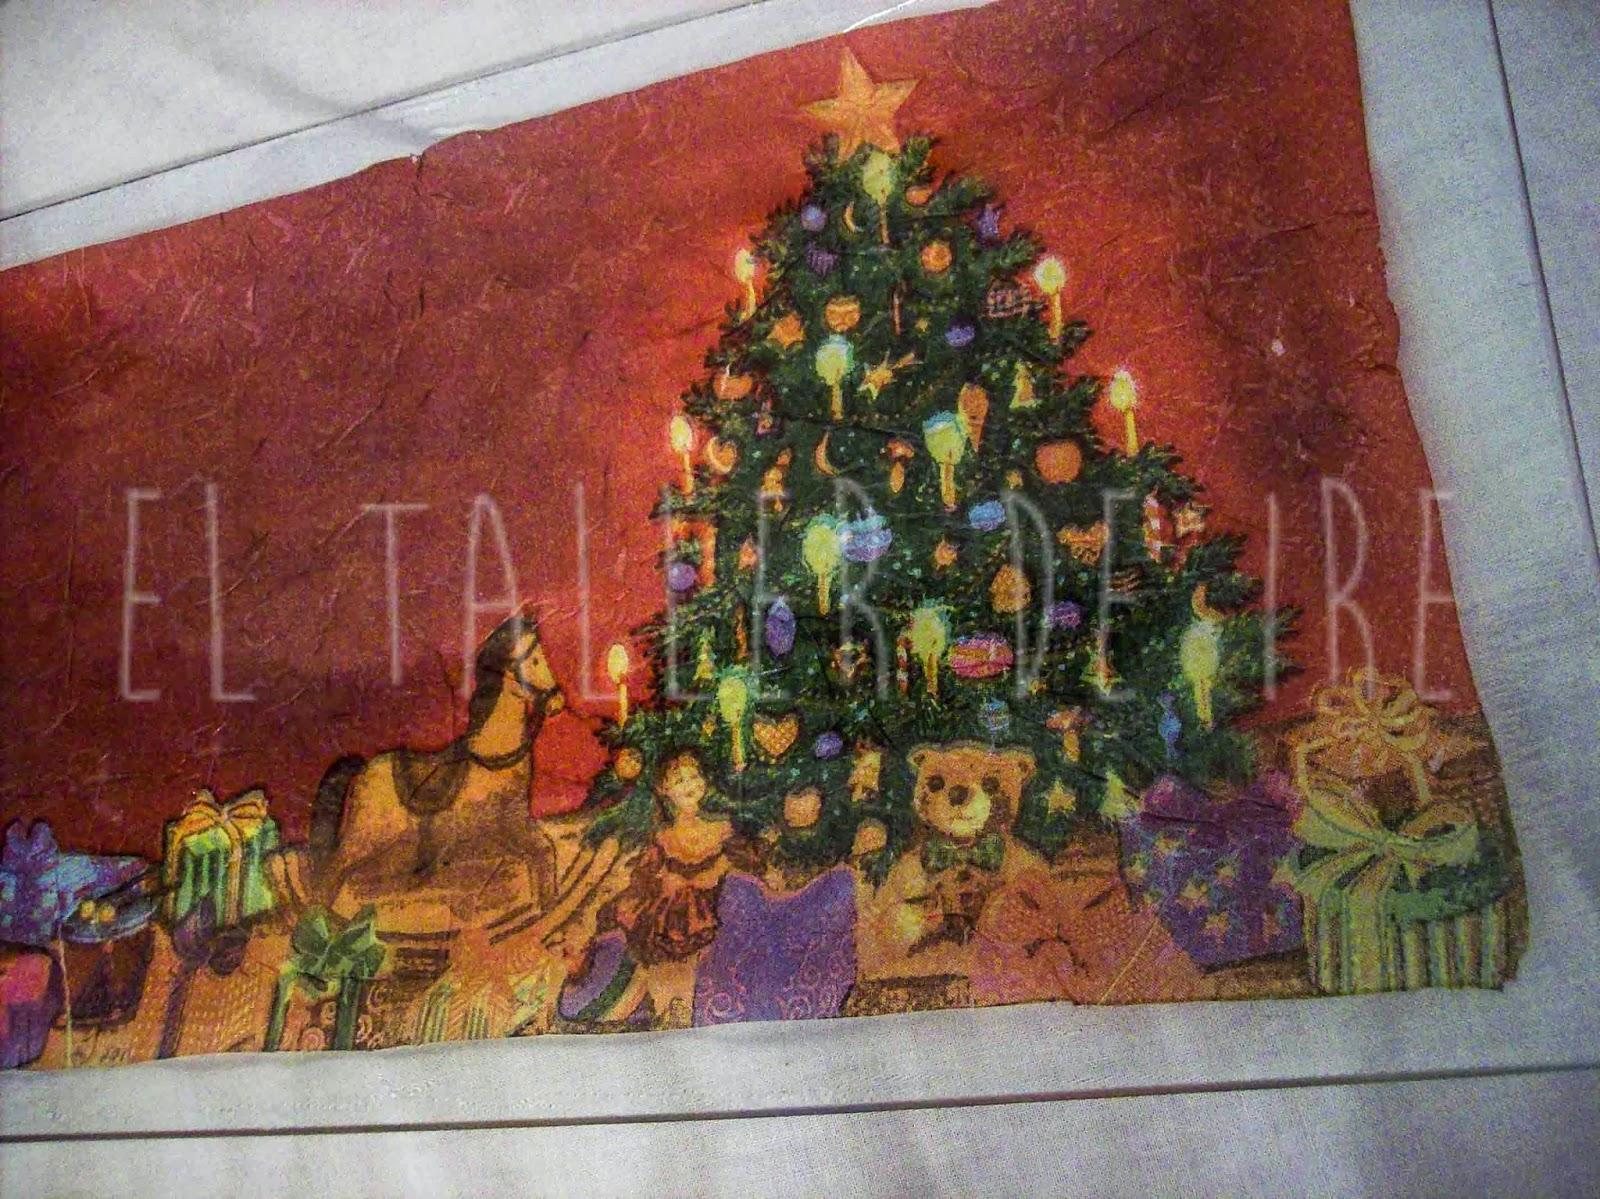 Bandejas de navidad con decoupage el taller de ire for Bandejas de navidad